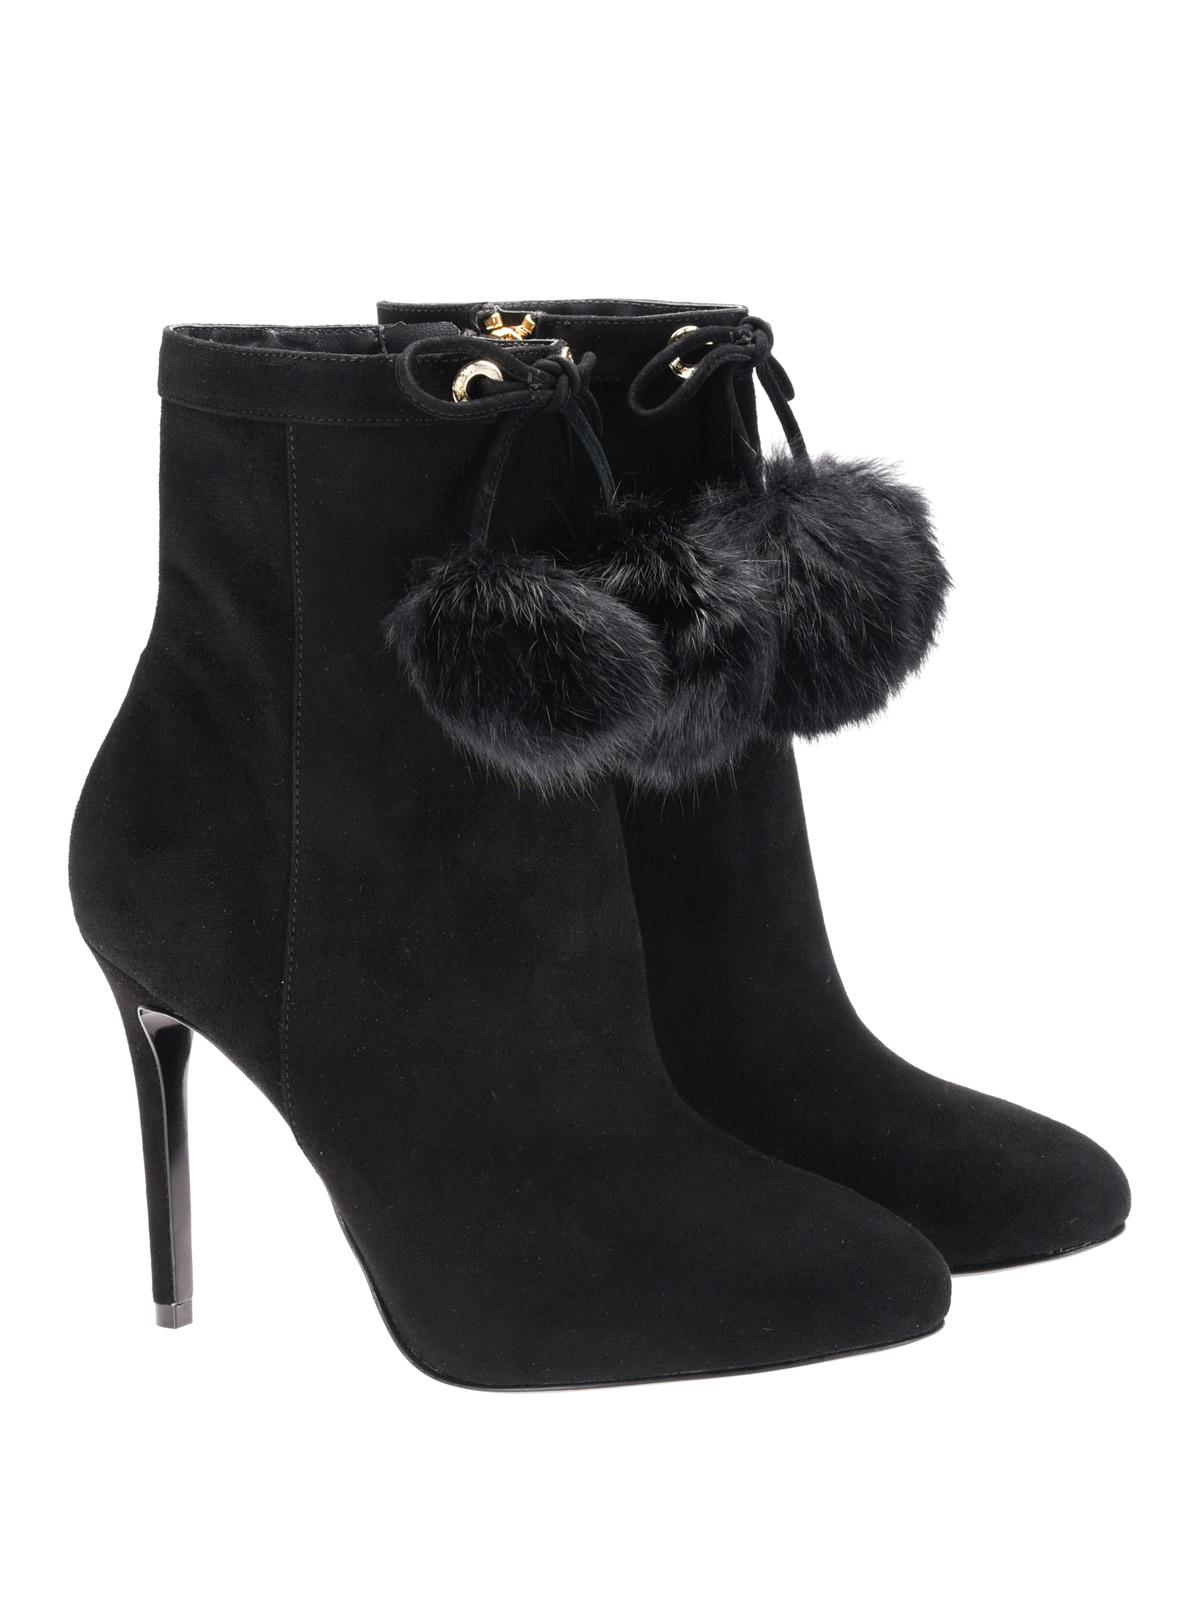 Remi fur detail black suede booties